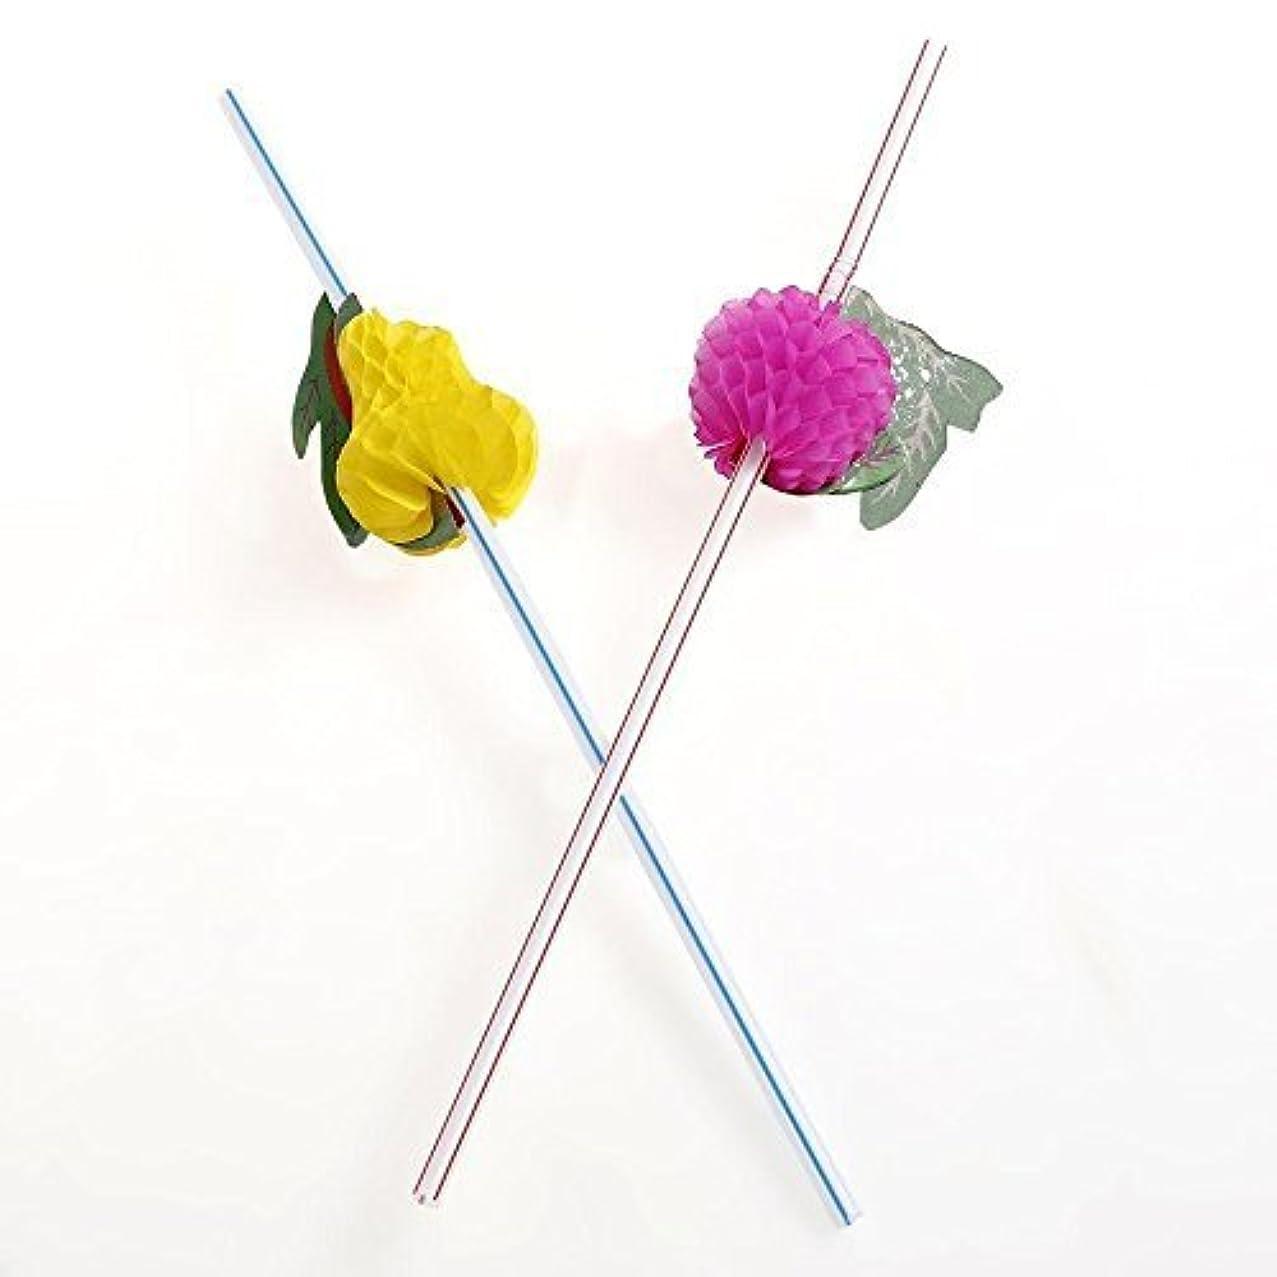 士気アンケート工業化する誕生日パーティーのための多彩なフルーツストロー